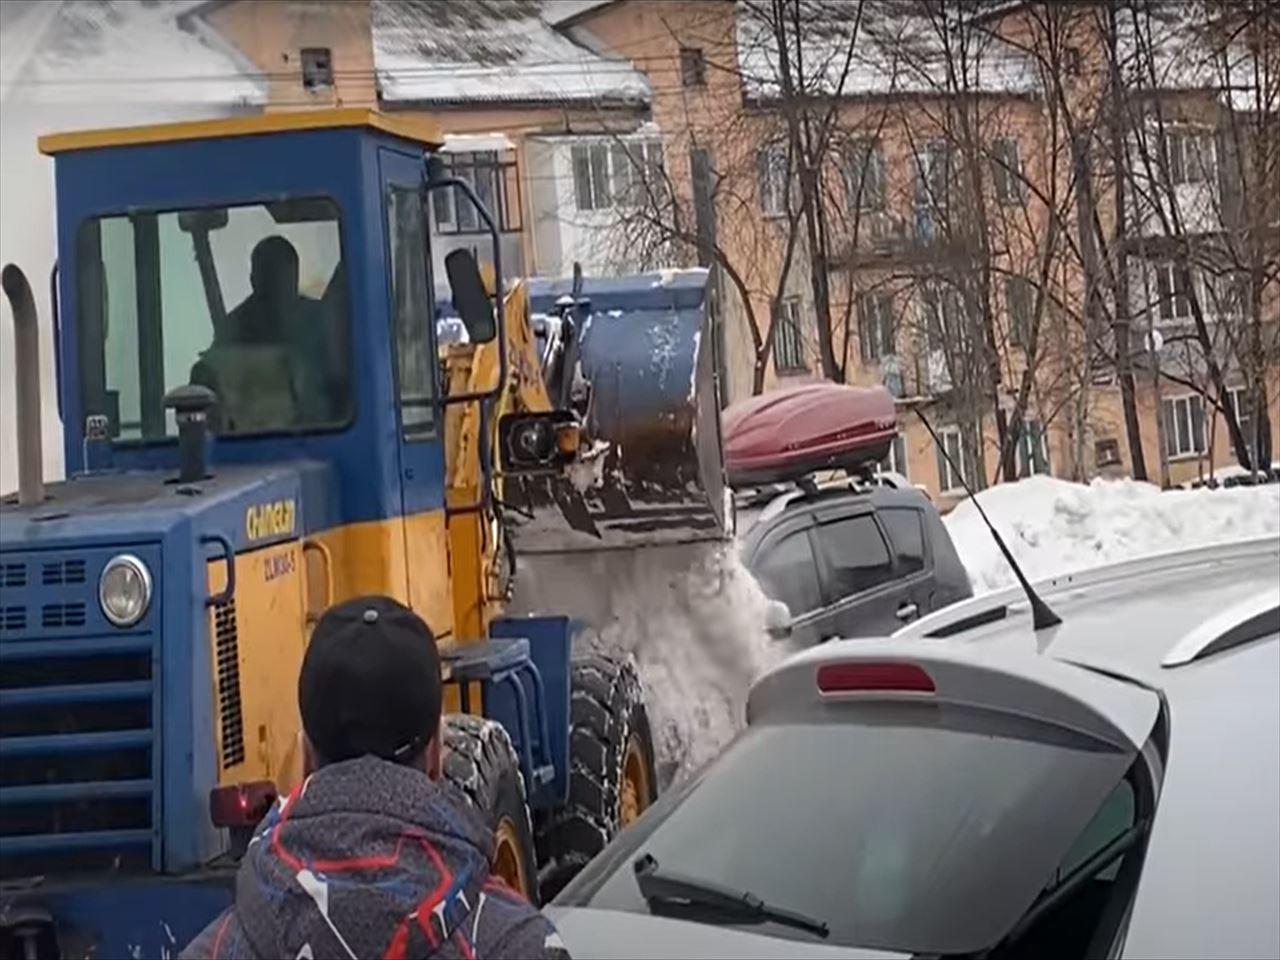 【衝撃】ロシアの市街地で車が炎上!斬新かつ圧倒的な消火方法が凄すぎる!